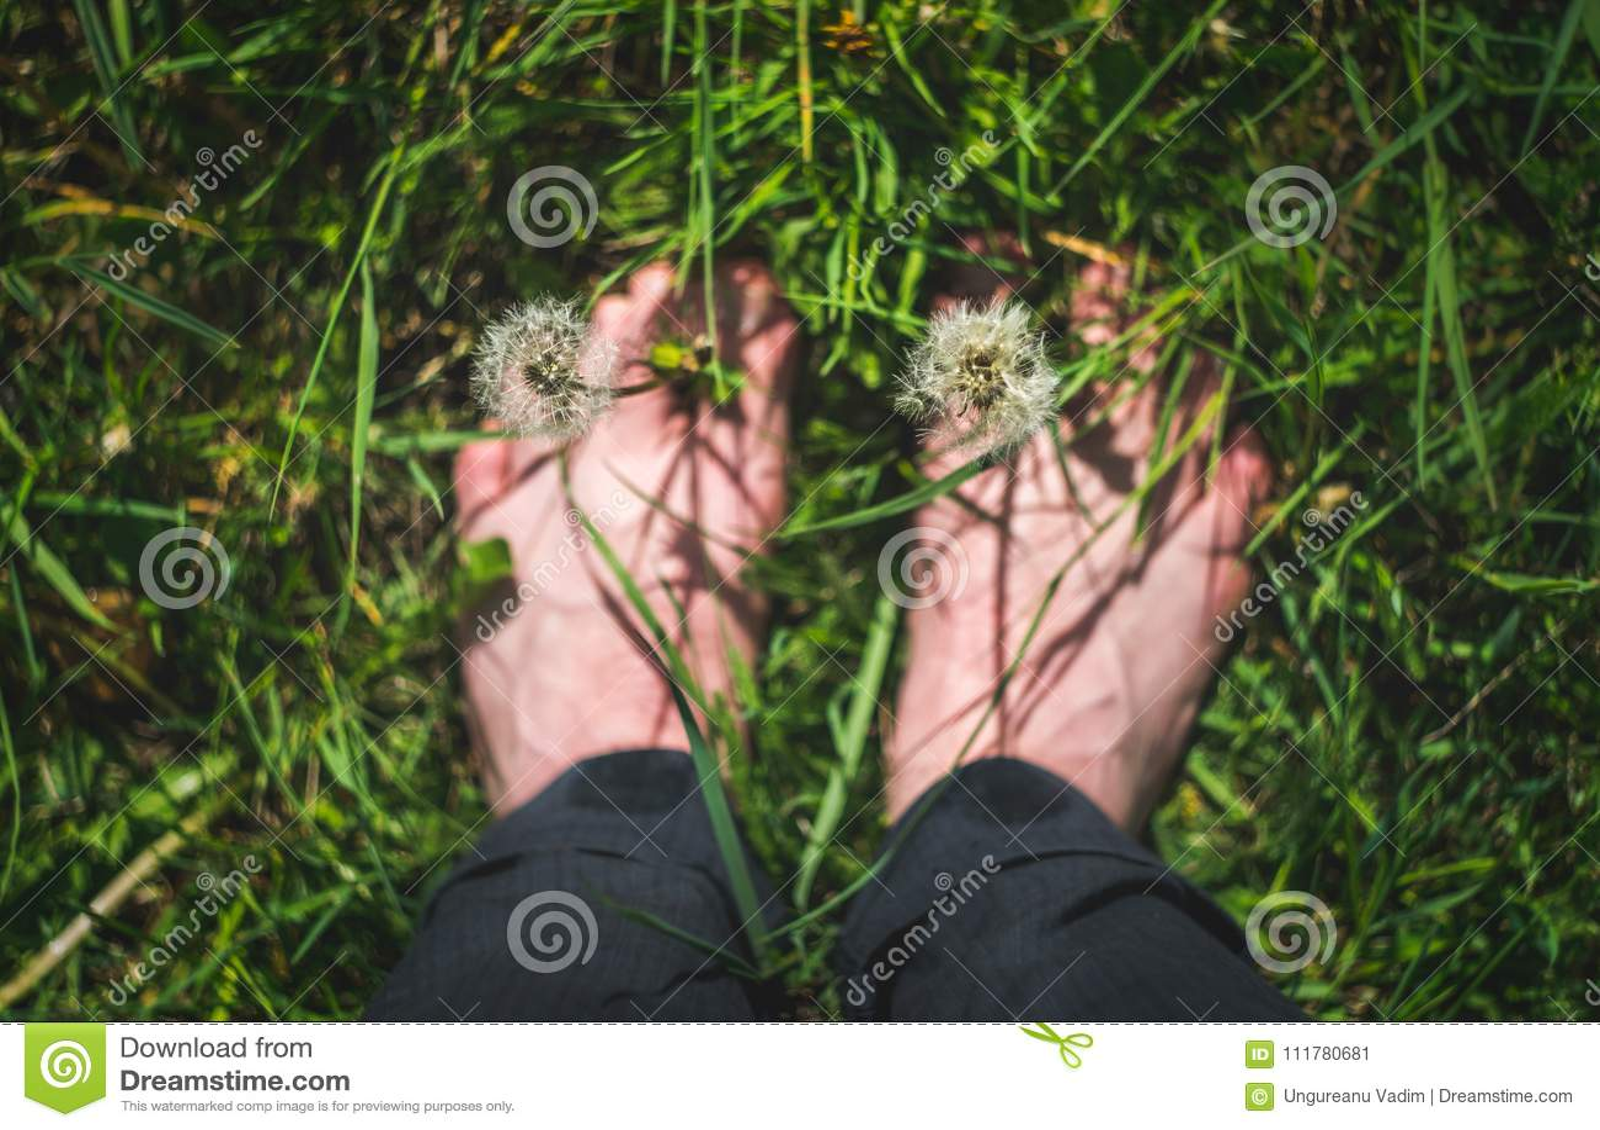 Пойдите вне и исследуйте и насладитесь концепцию природы